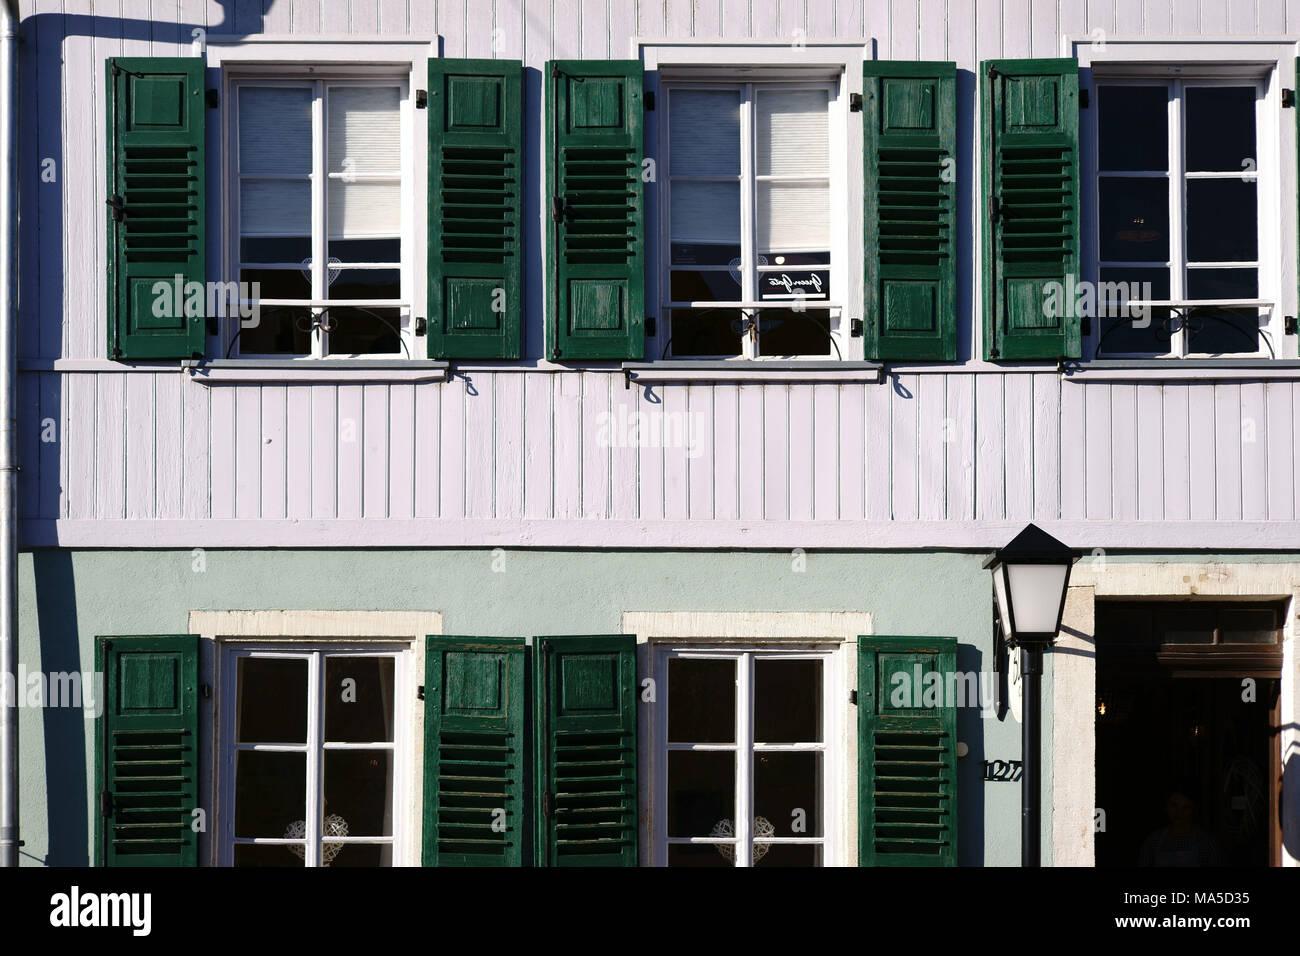 Reihenhaus mit nostalgischen Fensterläden aus Holz und einer Laterne, Stockbild